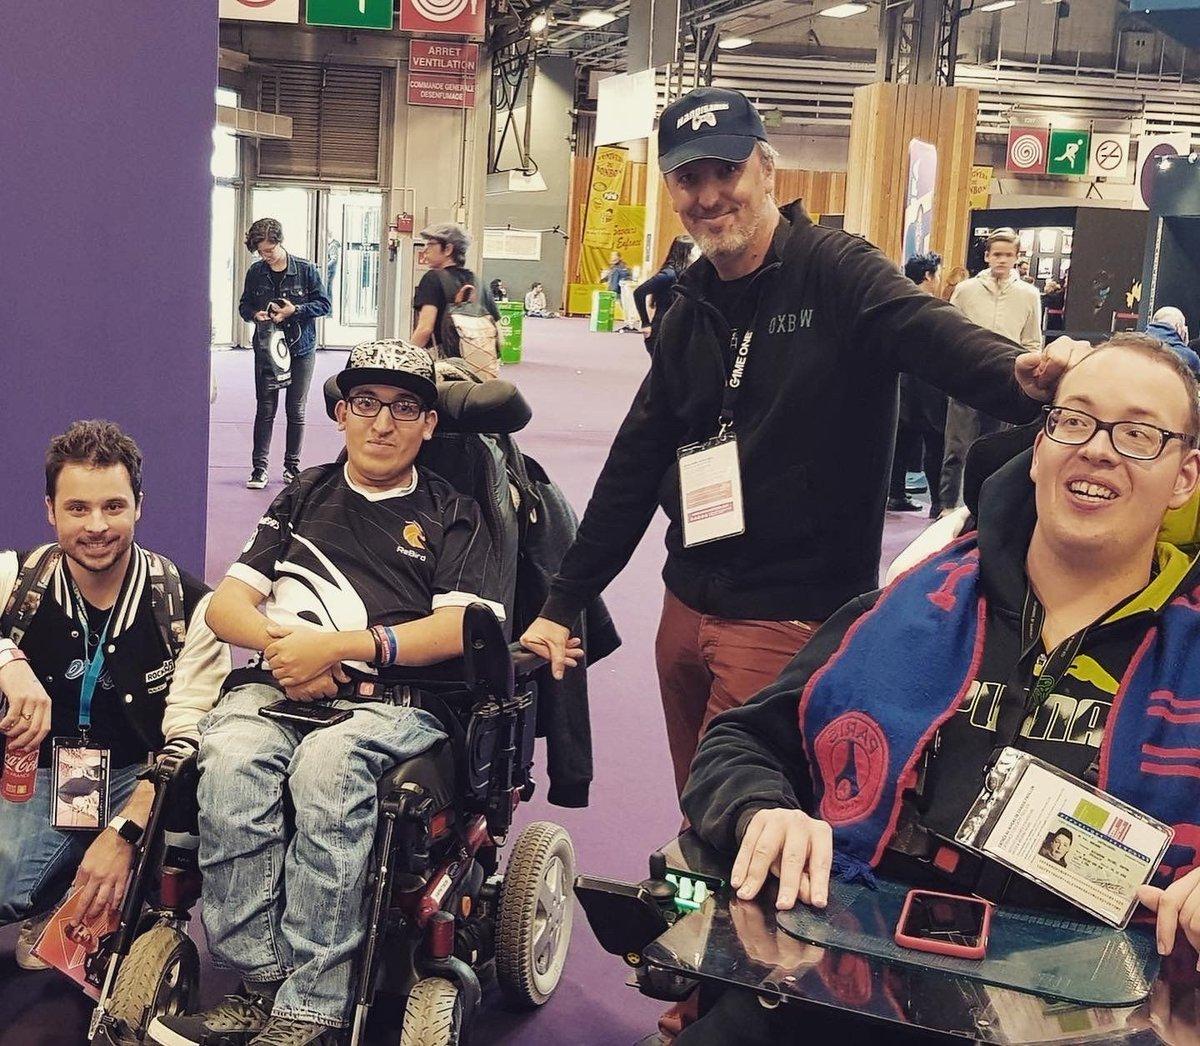 """Sophie Cluzel : """"derrière un écran, le #handicap se gomme"""" https://buff.ly/2qLeI54 #inclusion #a11y #accessibilité"""